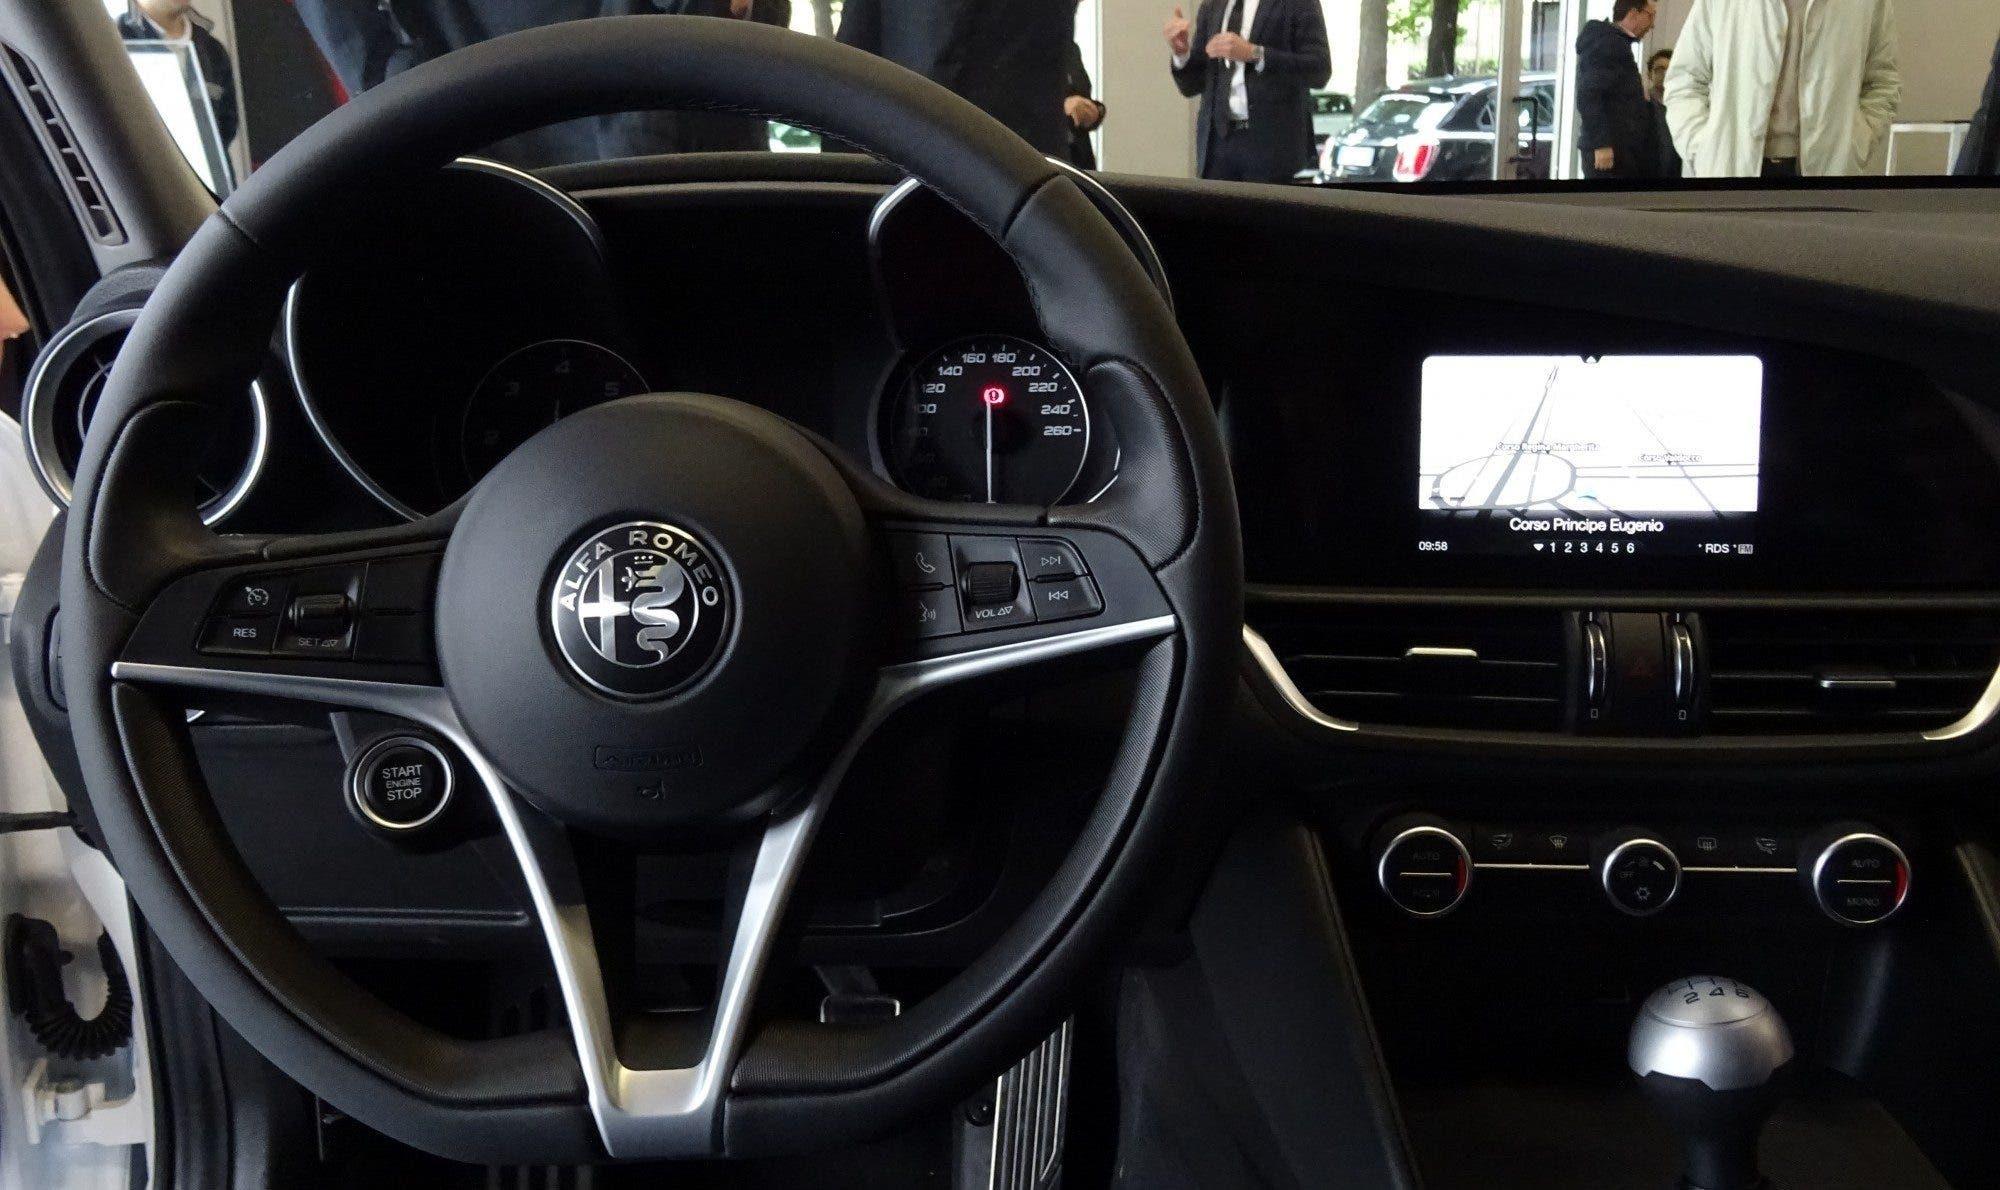 Club Alfa Romeo Giulia volante in pelle